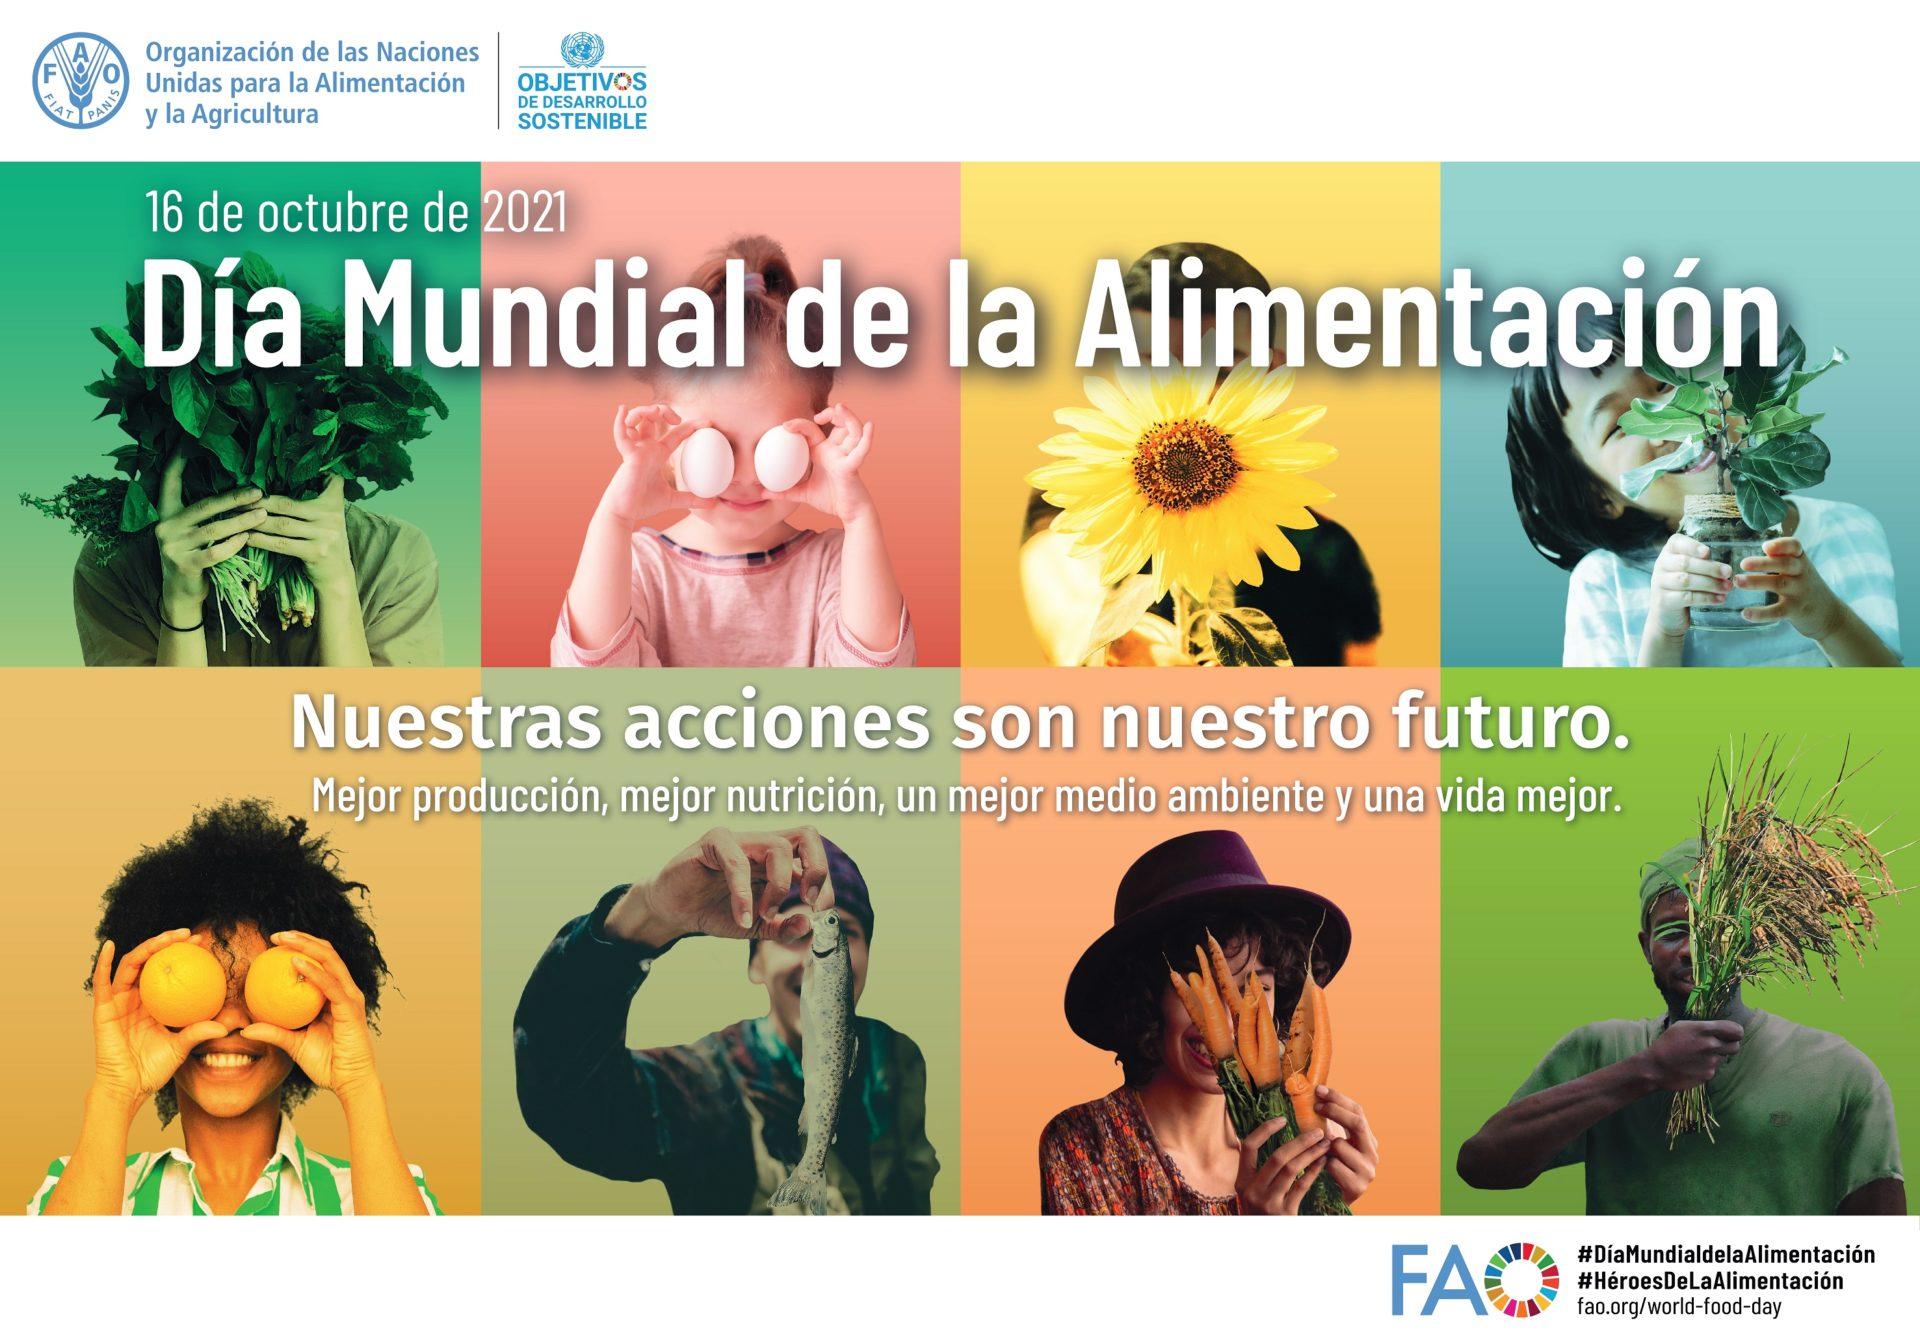 16 octubre: DIA MUNDIAL DE L'ALIMENTACIÓ